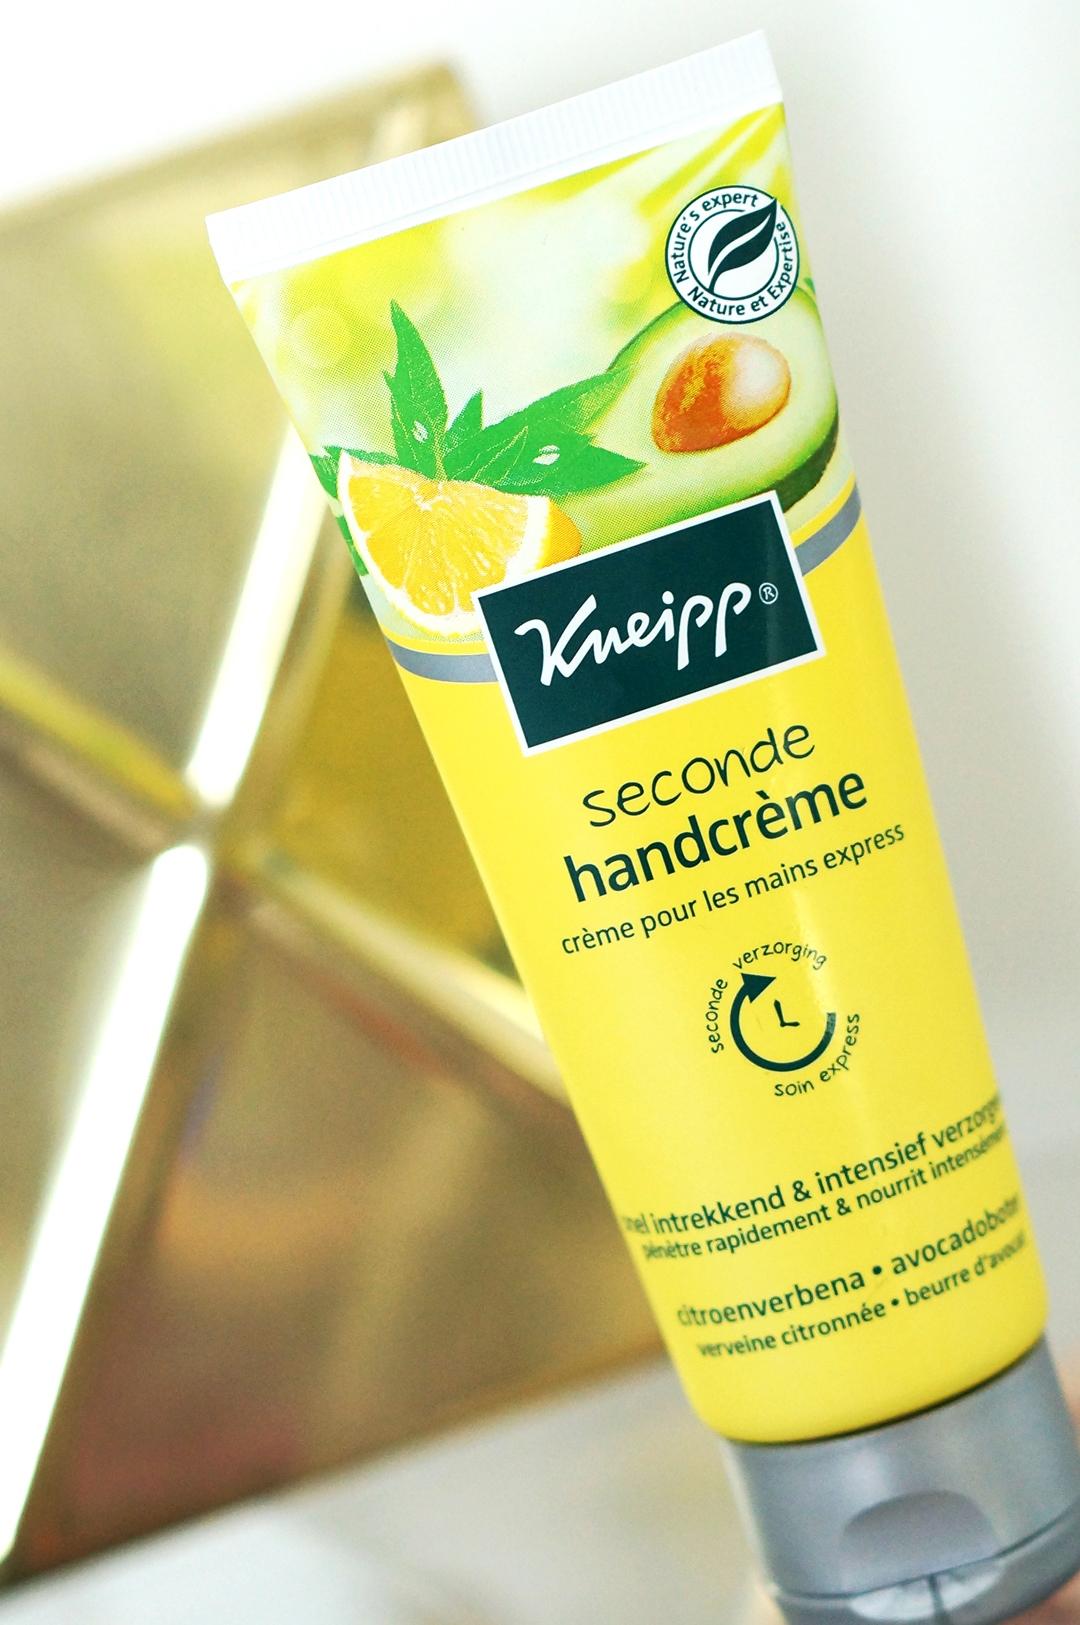 Kneipp Seconde Handcrème